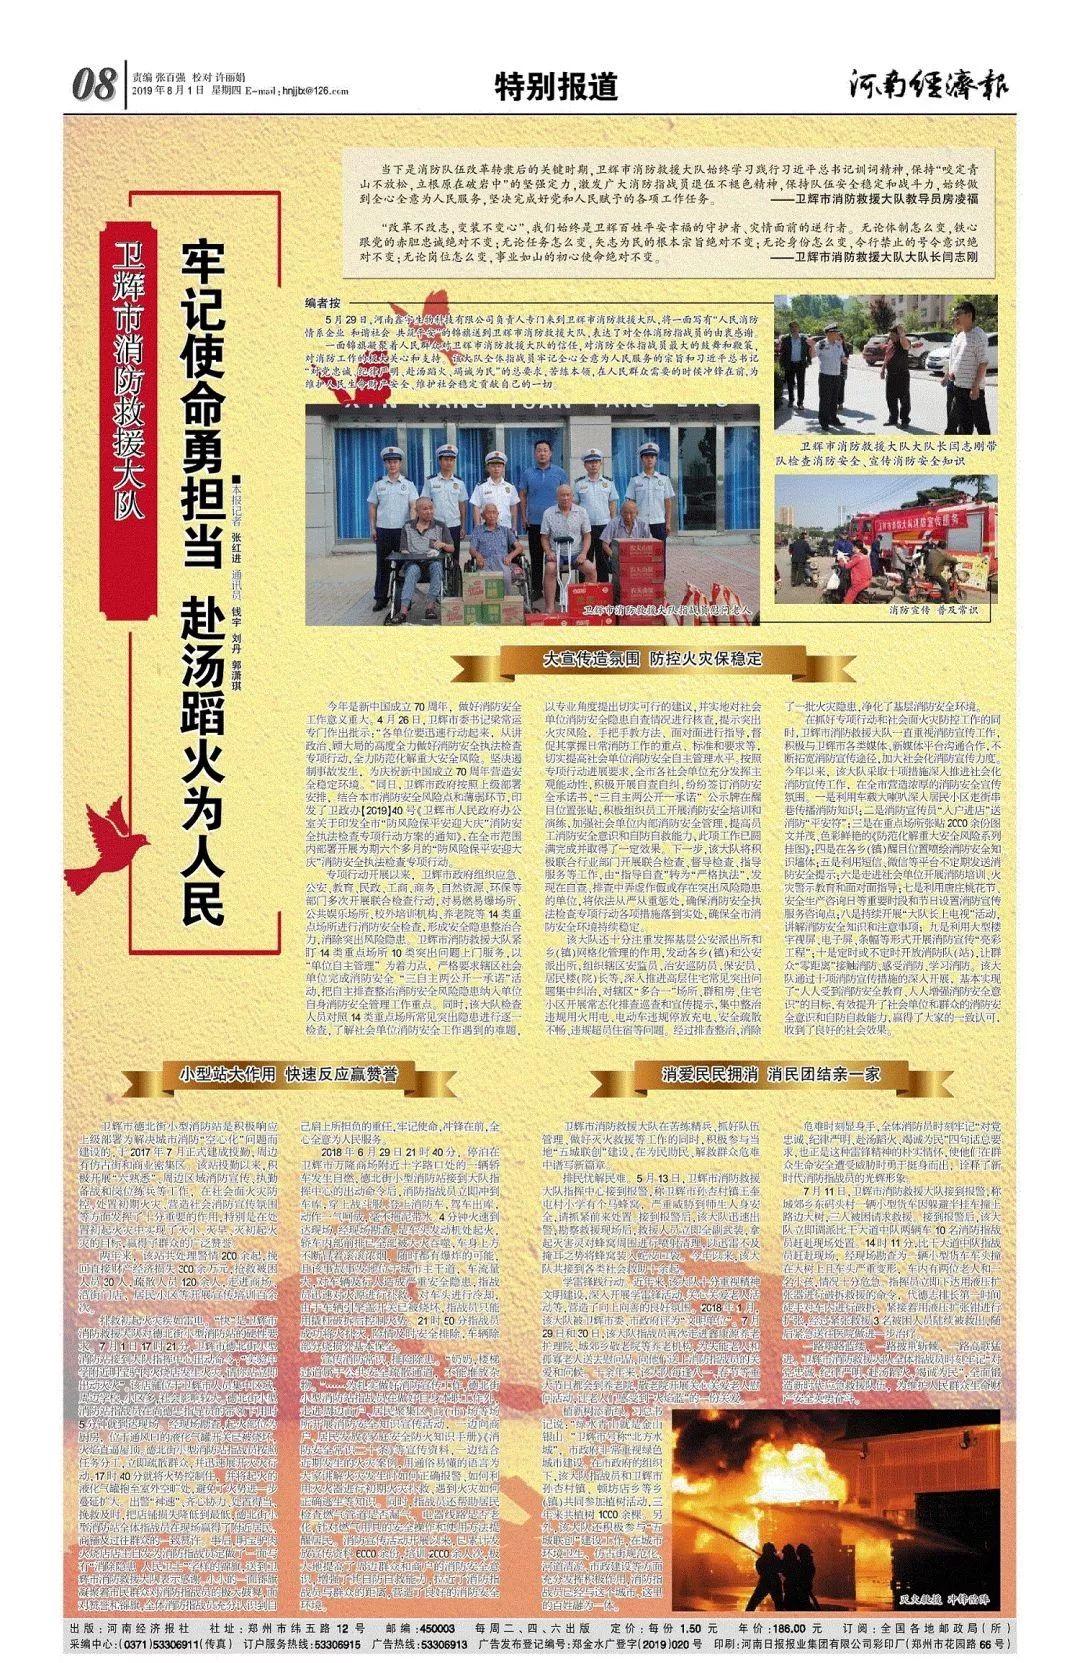 《河南经济报》再次整版特别报道新乡市消防救援支队卫辉大队先进事迹